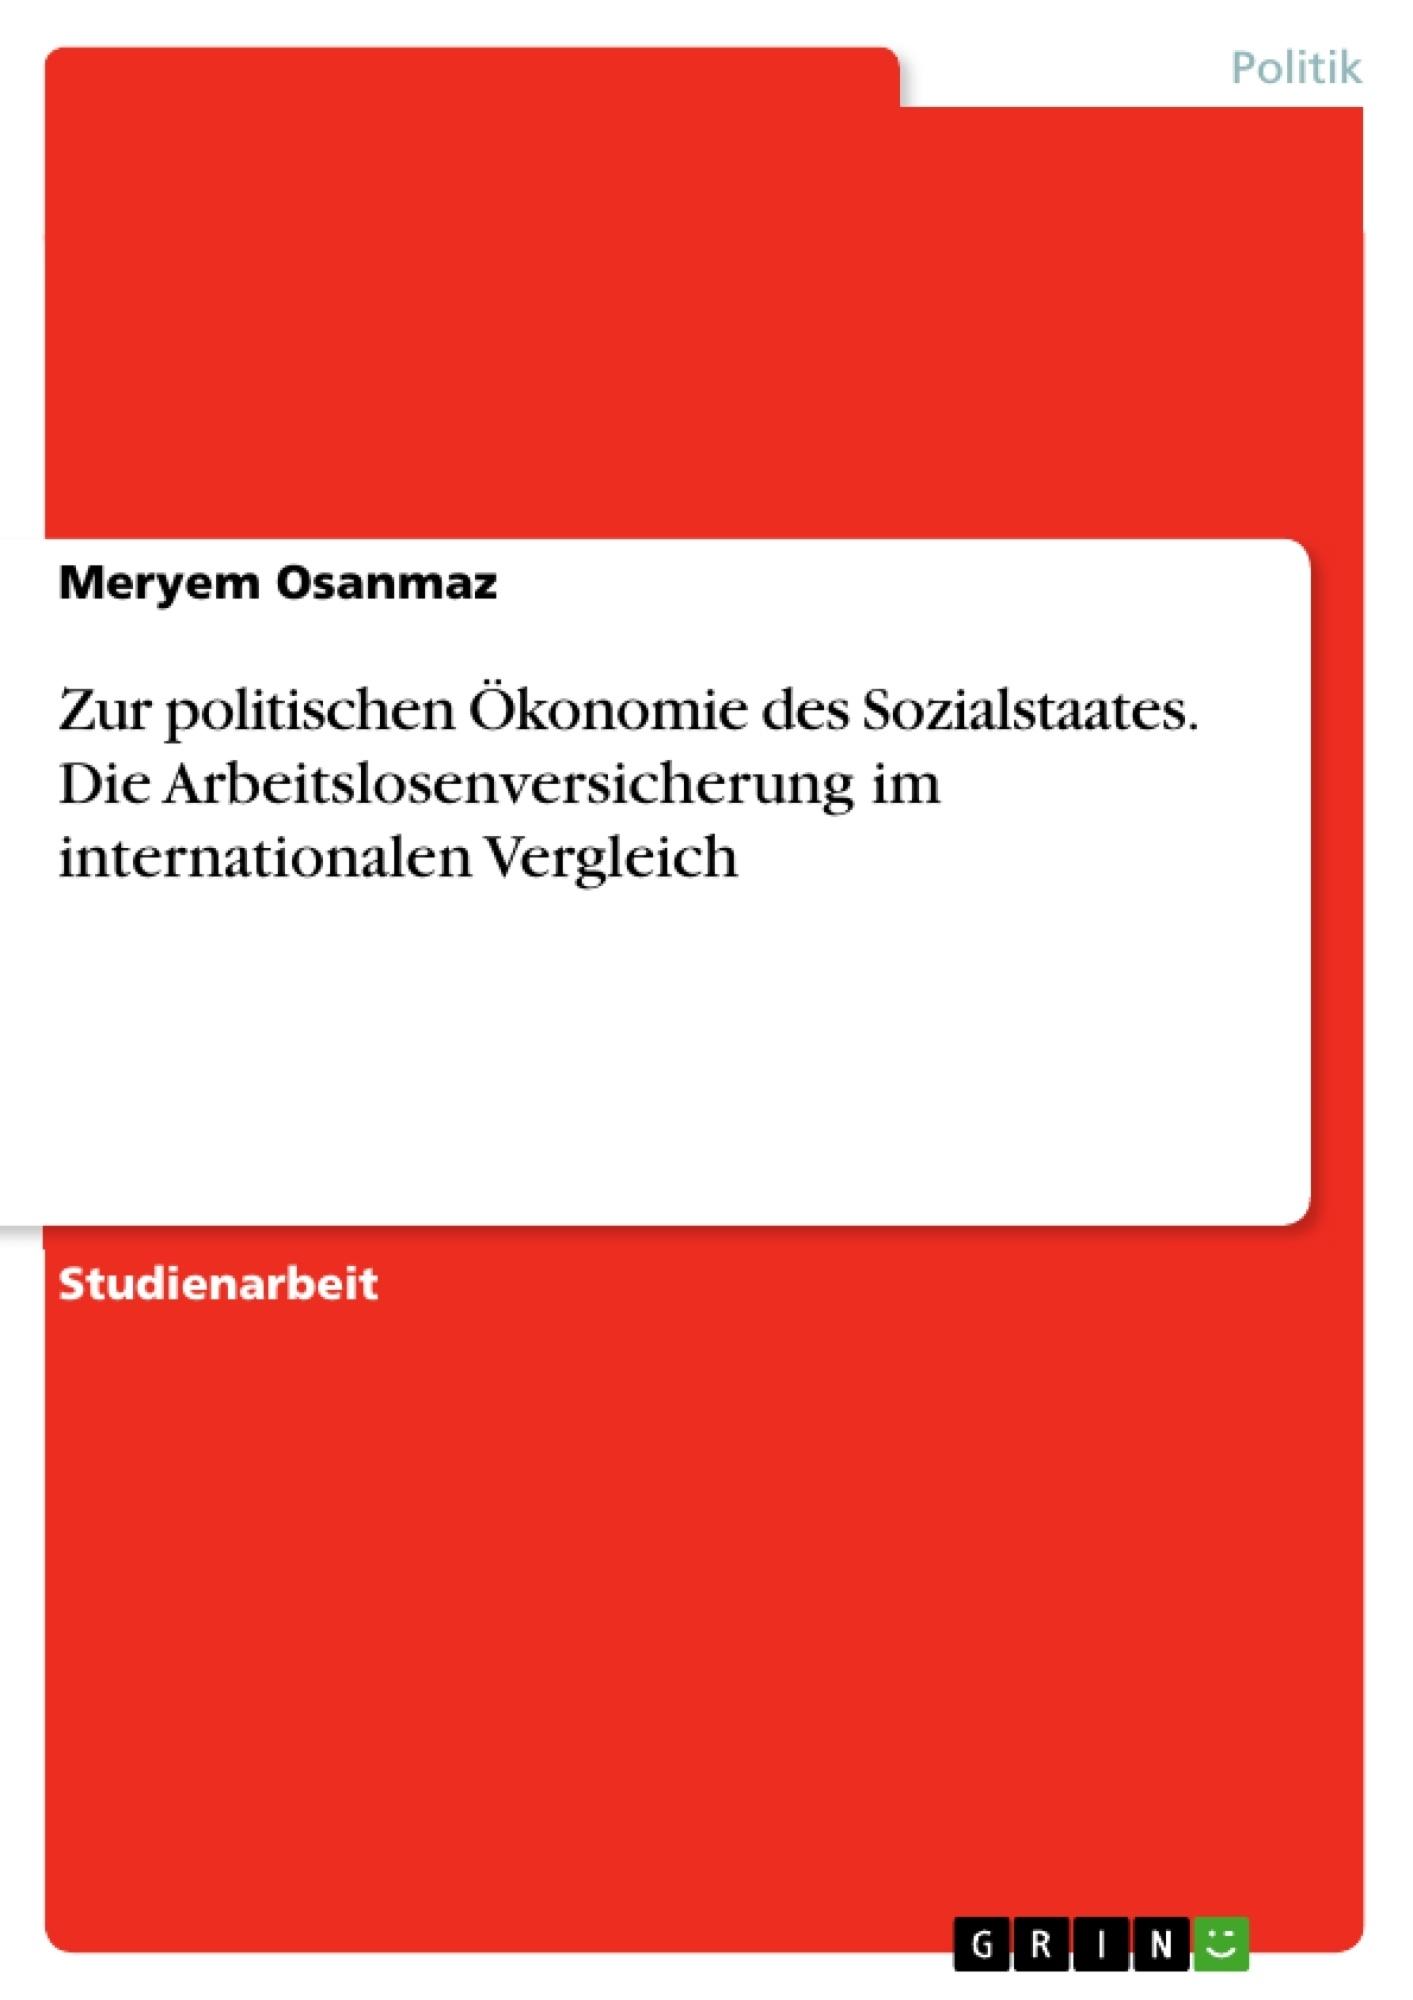 Titel: Zur politischen Ökonomie des Sozialstaates. Die Arbeitslosenversicherung im internationalen Vergleich